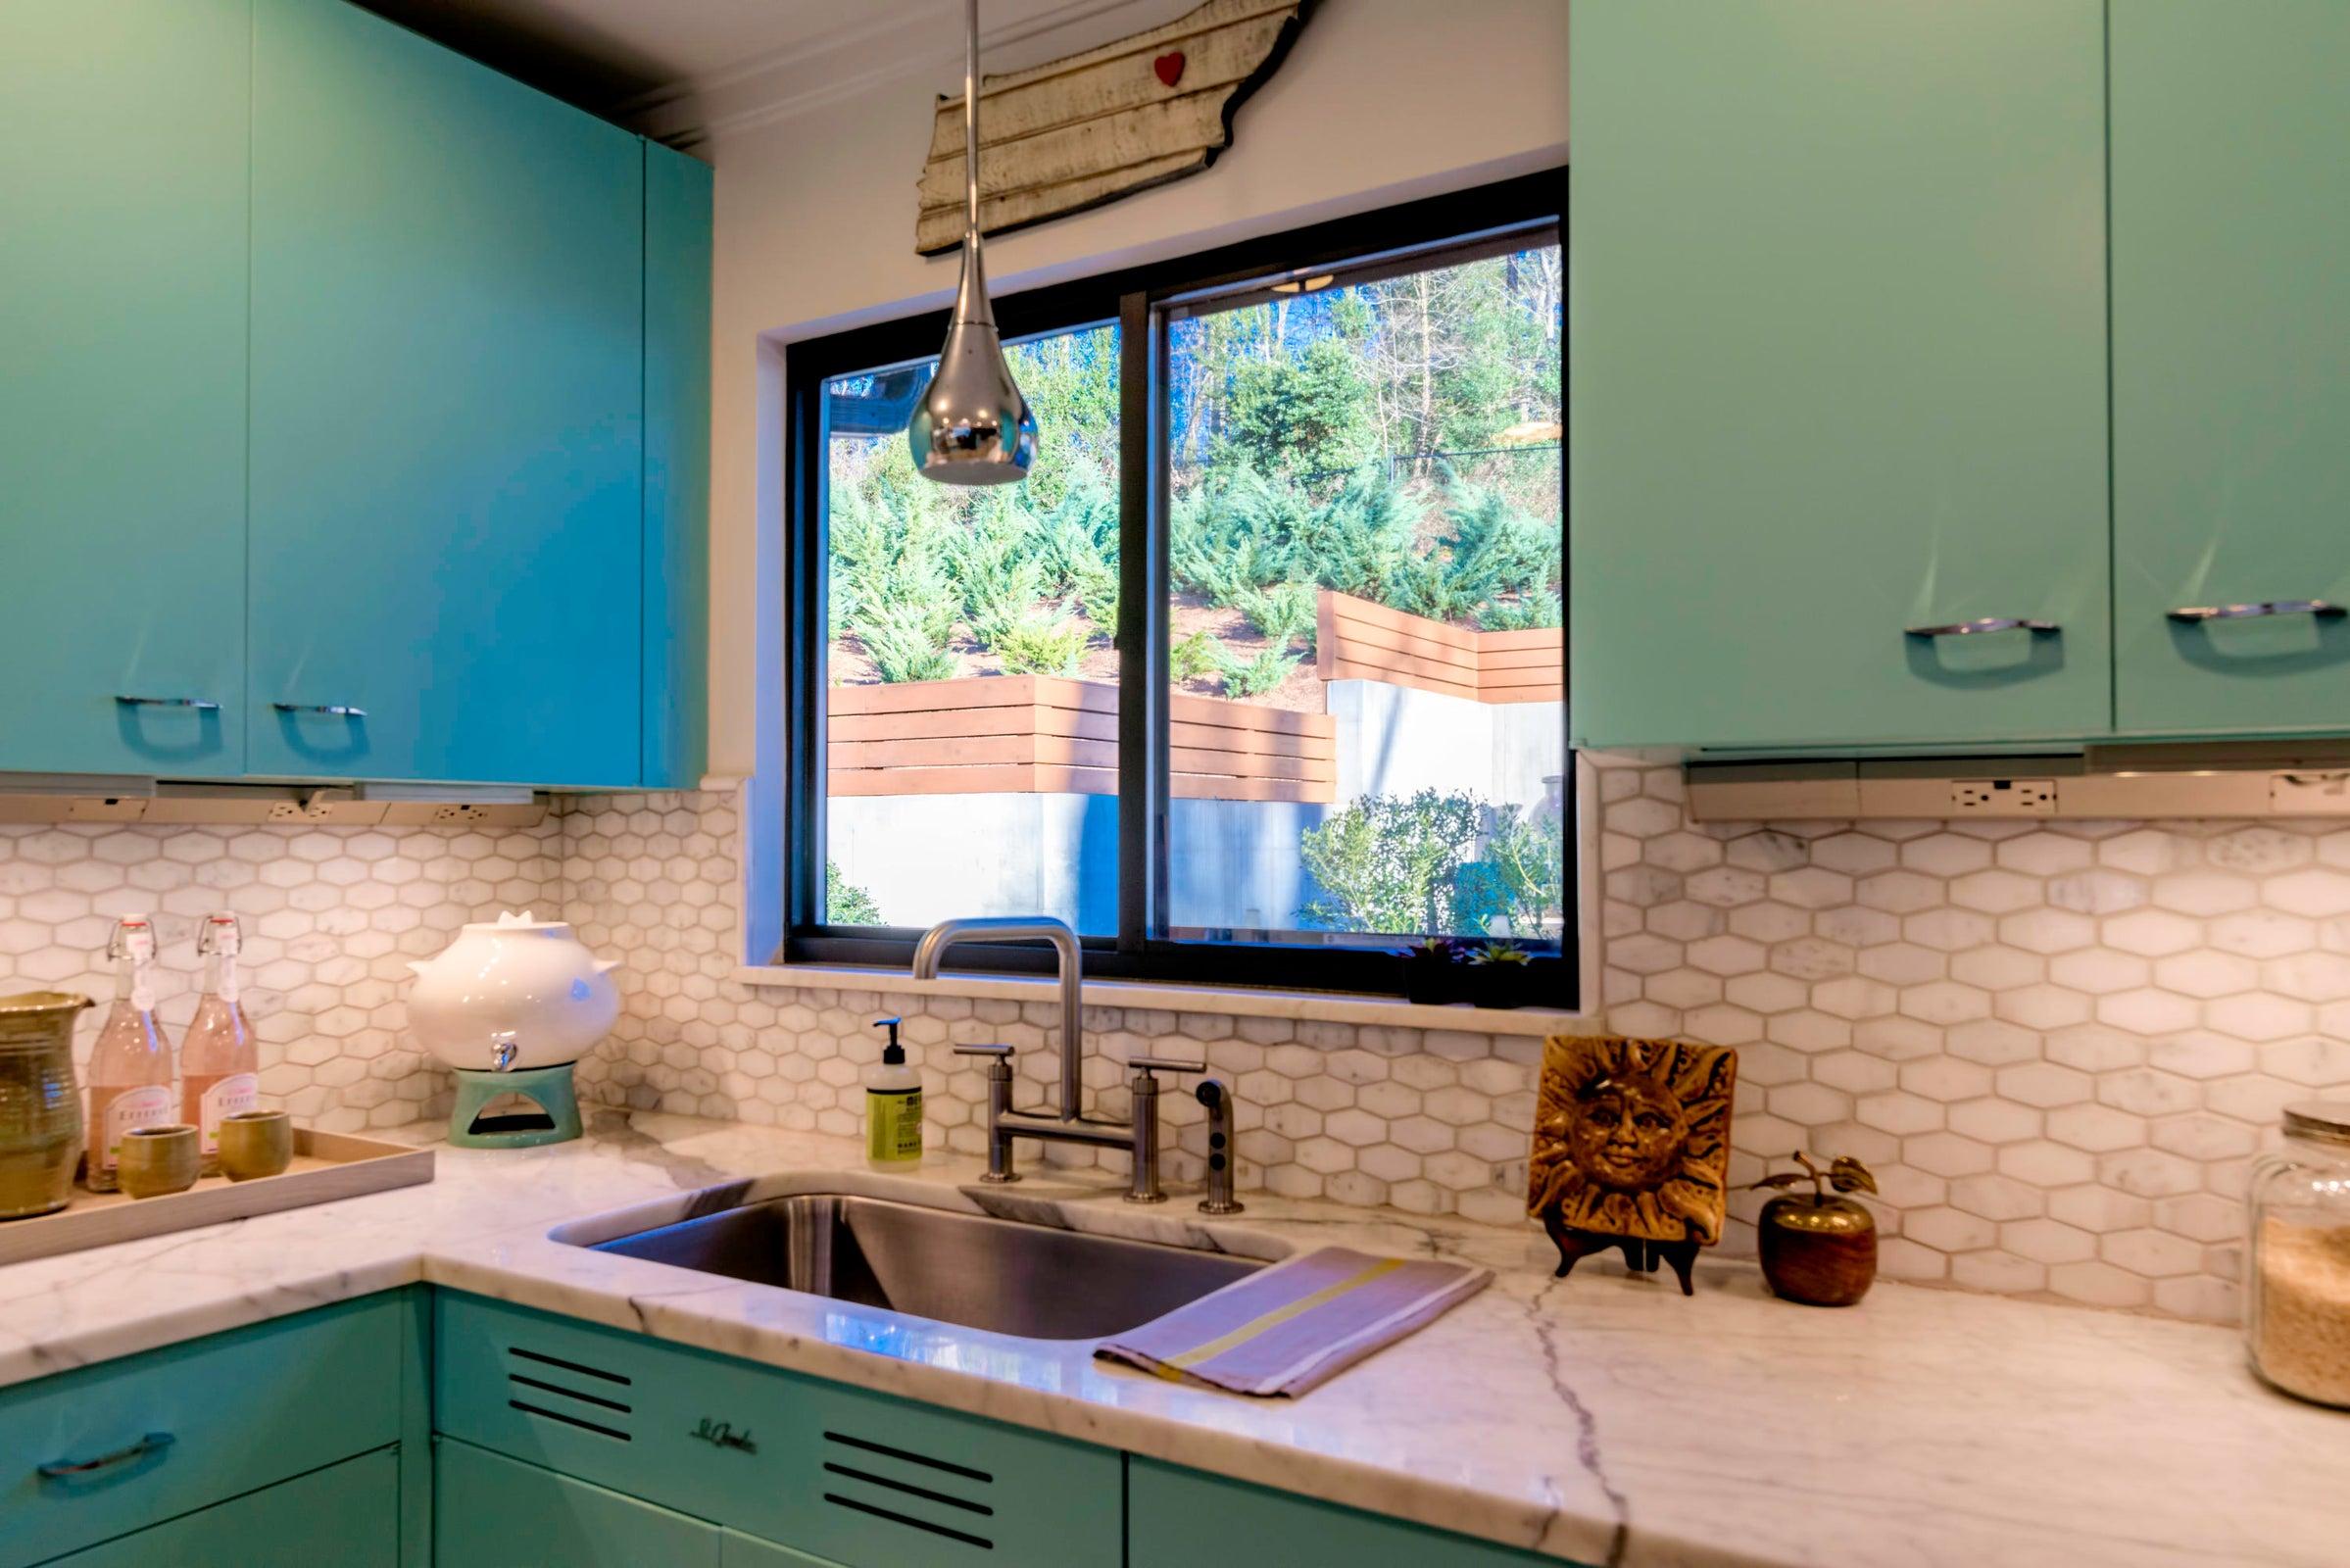 DSC_2061 - Kitchen Window